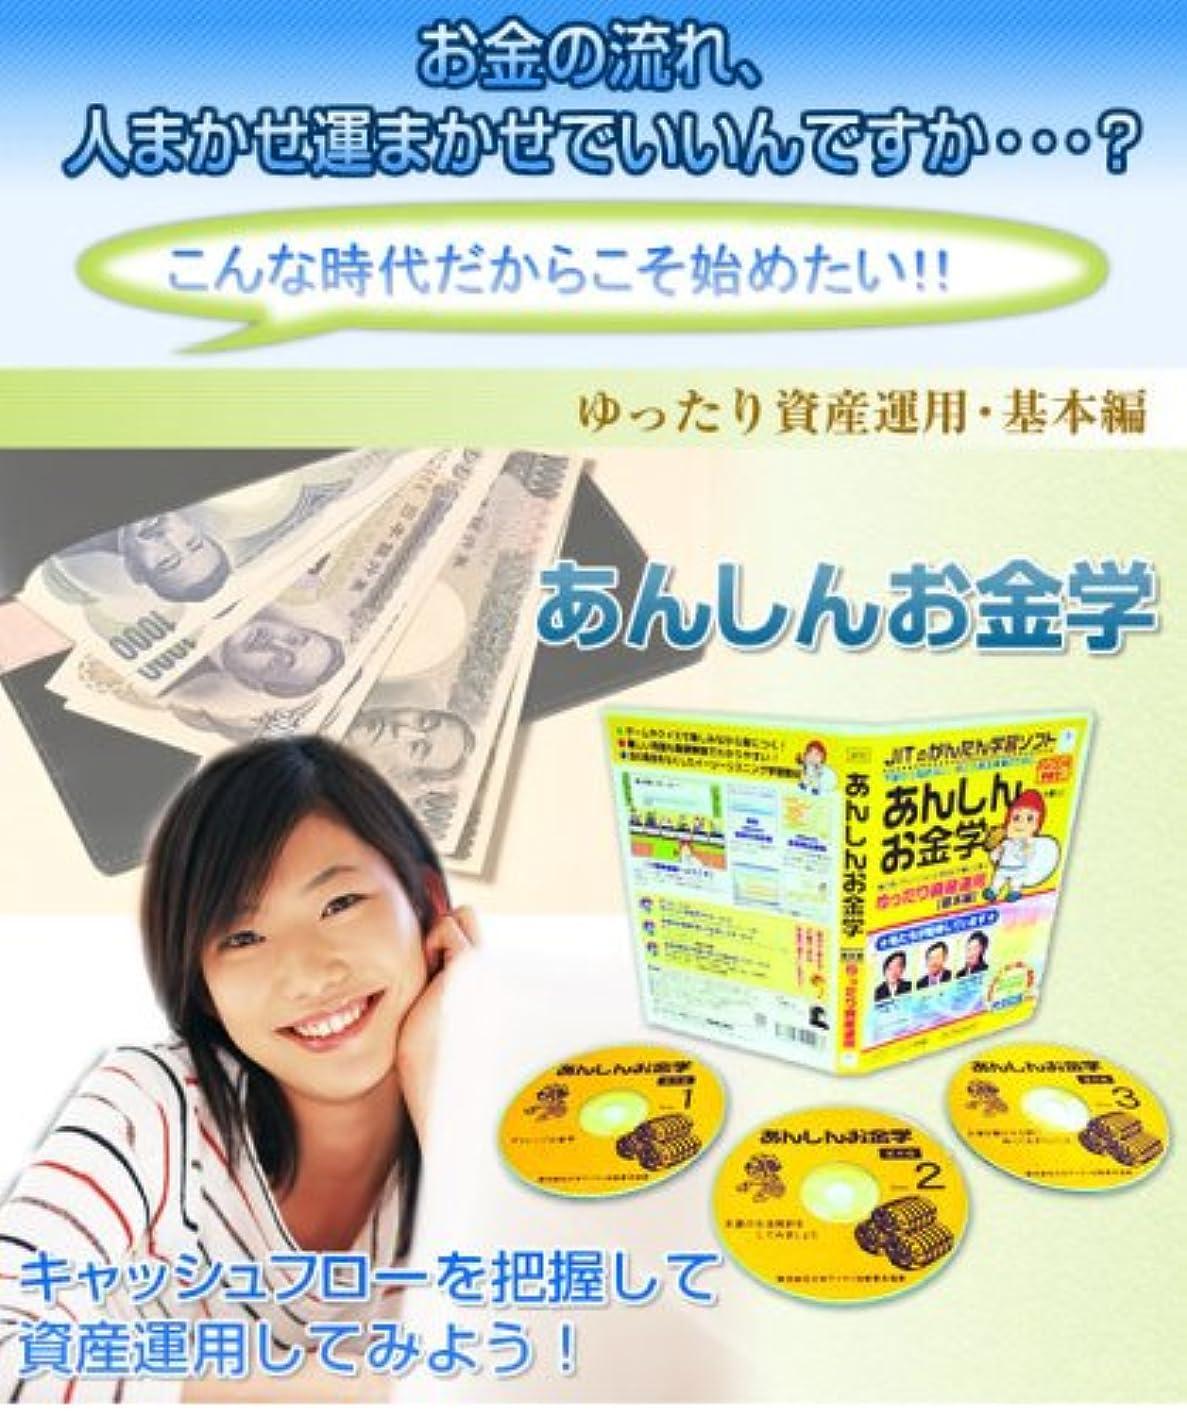 セッティング認識計算日本アイティ技能普及協会 あんしんお金学「ゆったり資産運用?基本編」